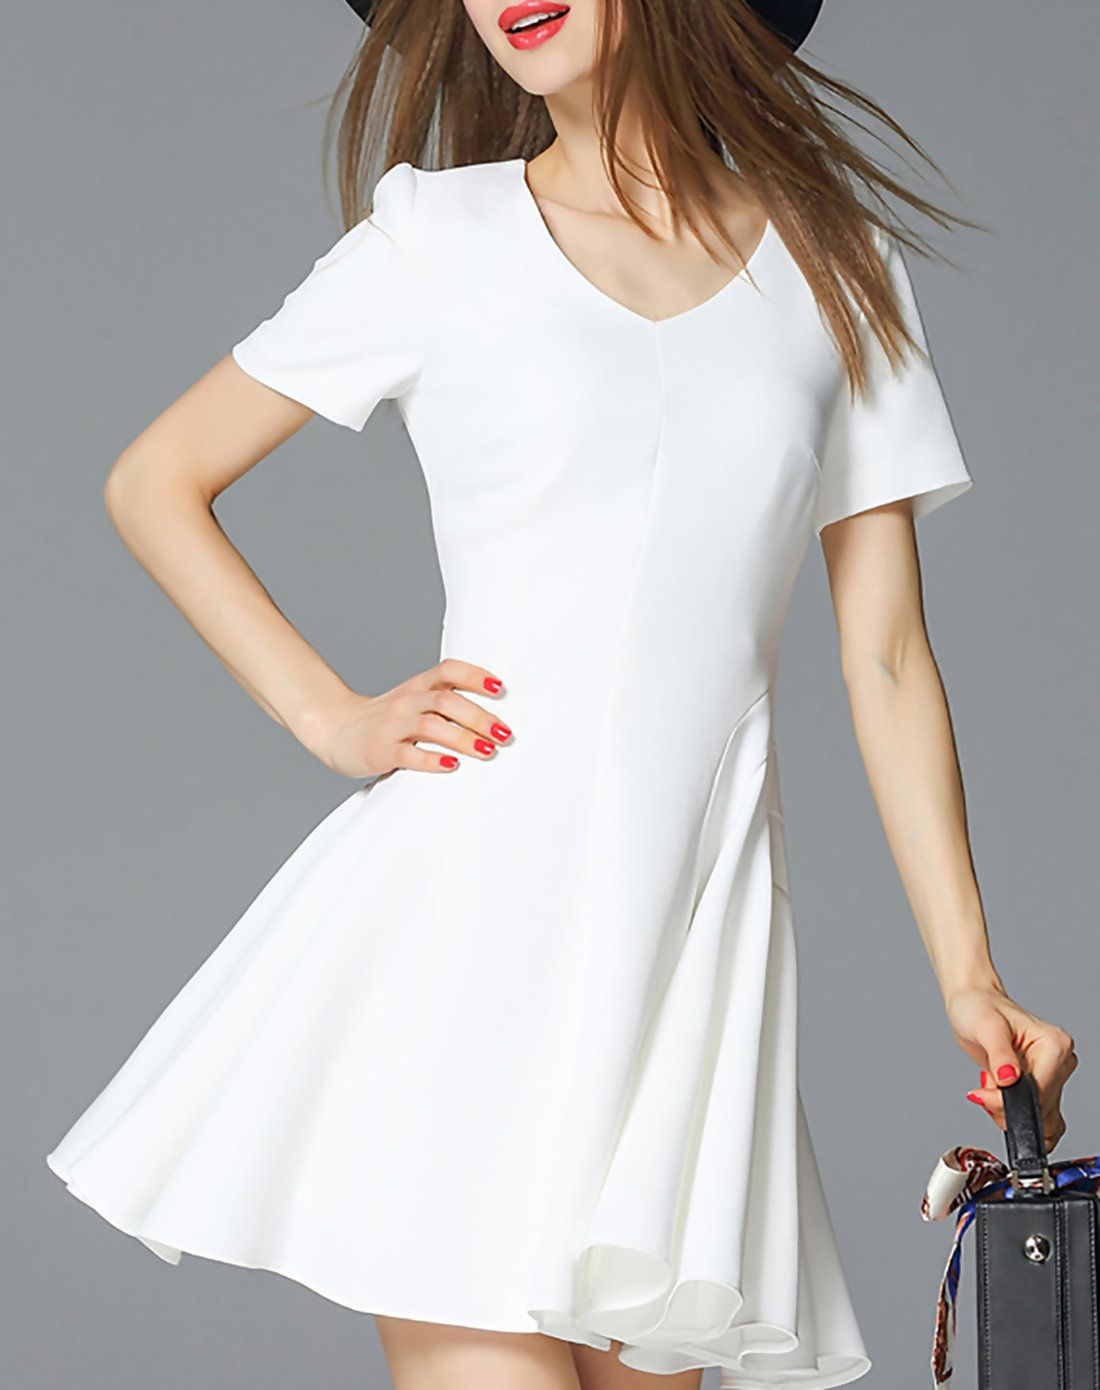 Adorewe oushang for girl white short sleeve skater mini dress